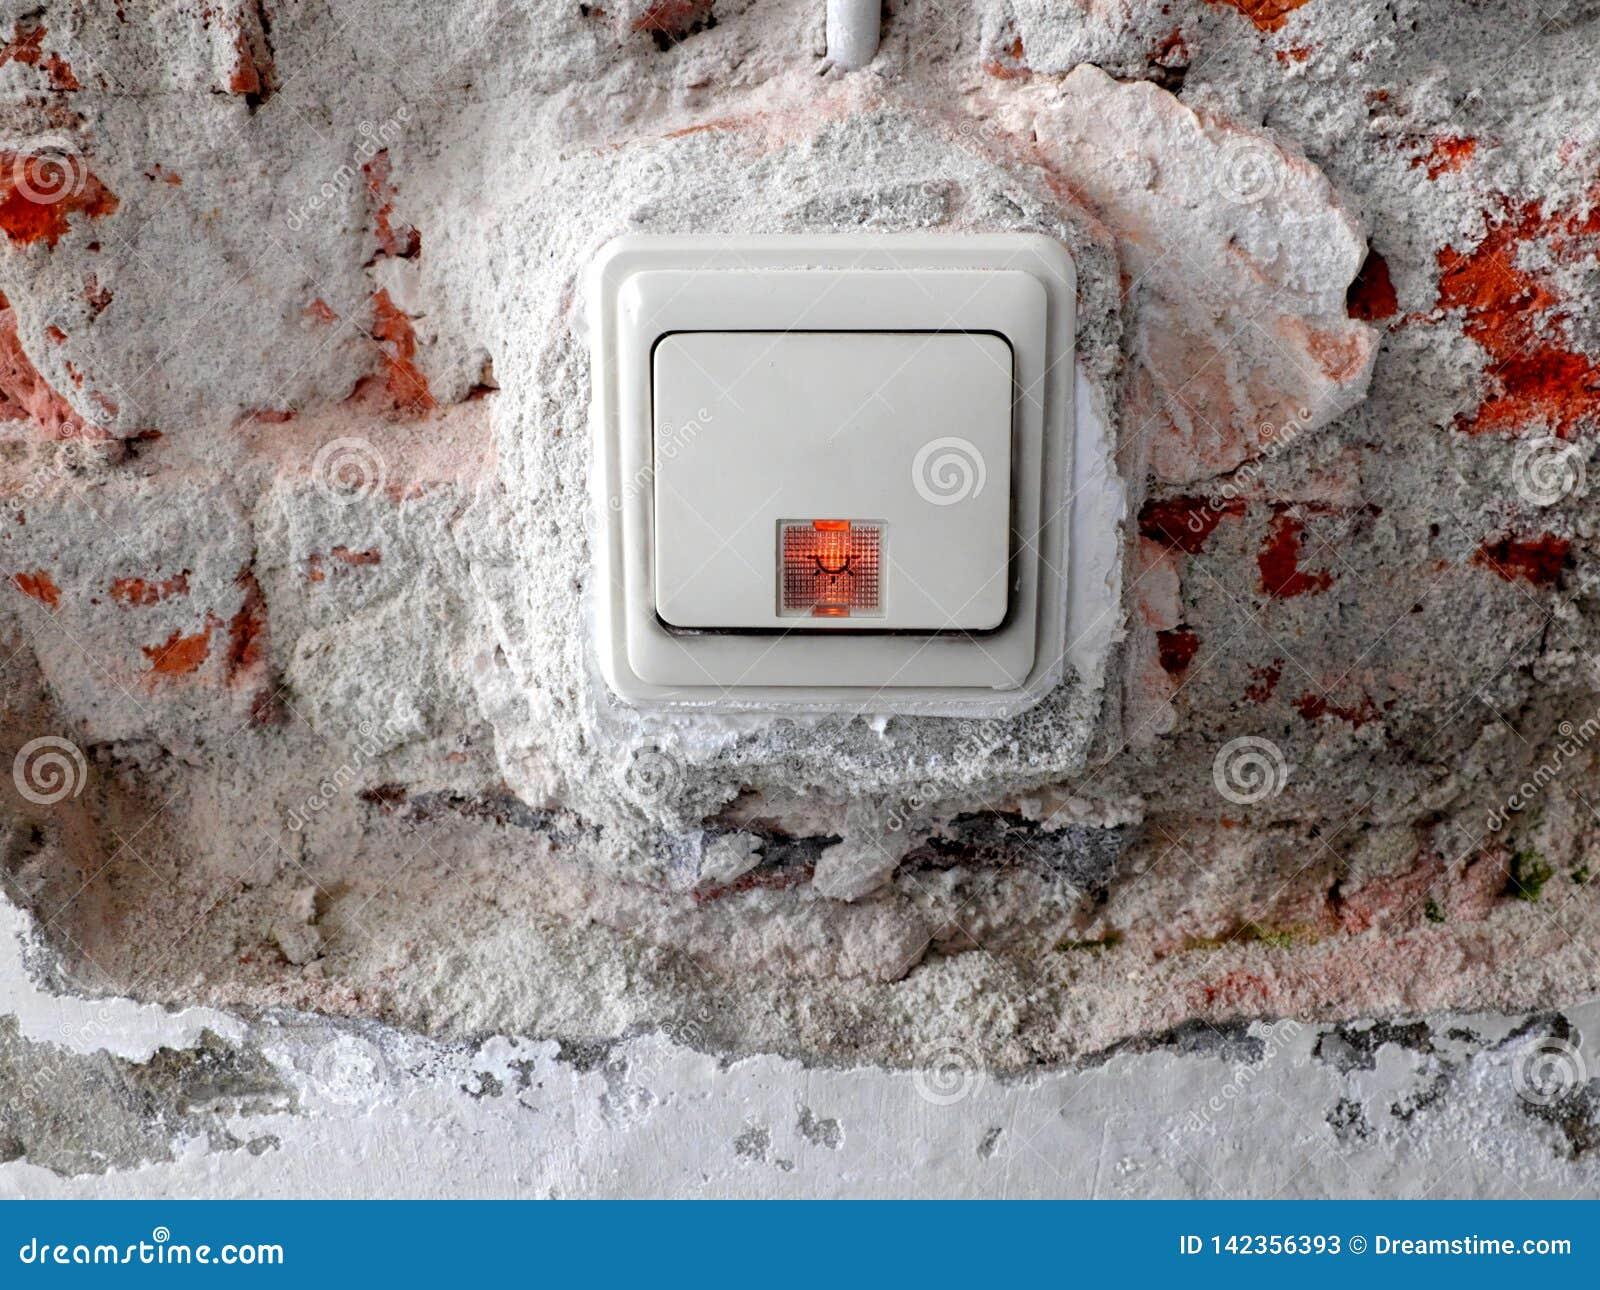 Interruttore della luce in una parete con gesso rimosso ed i mattoni visibili